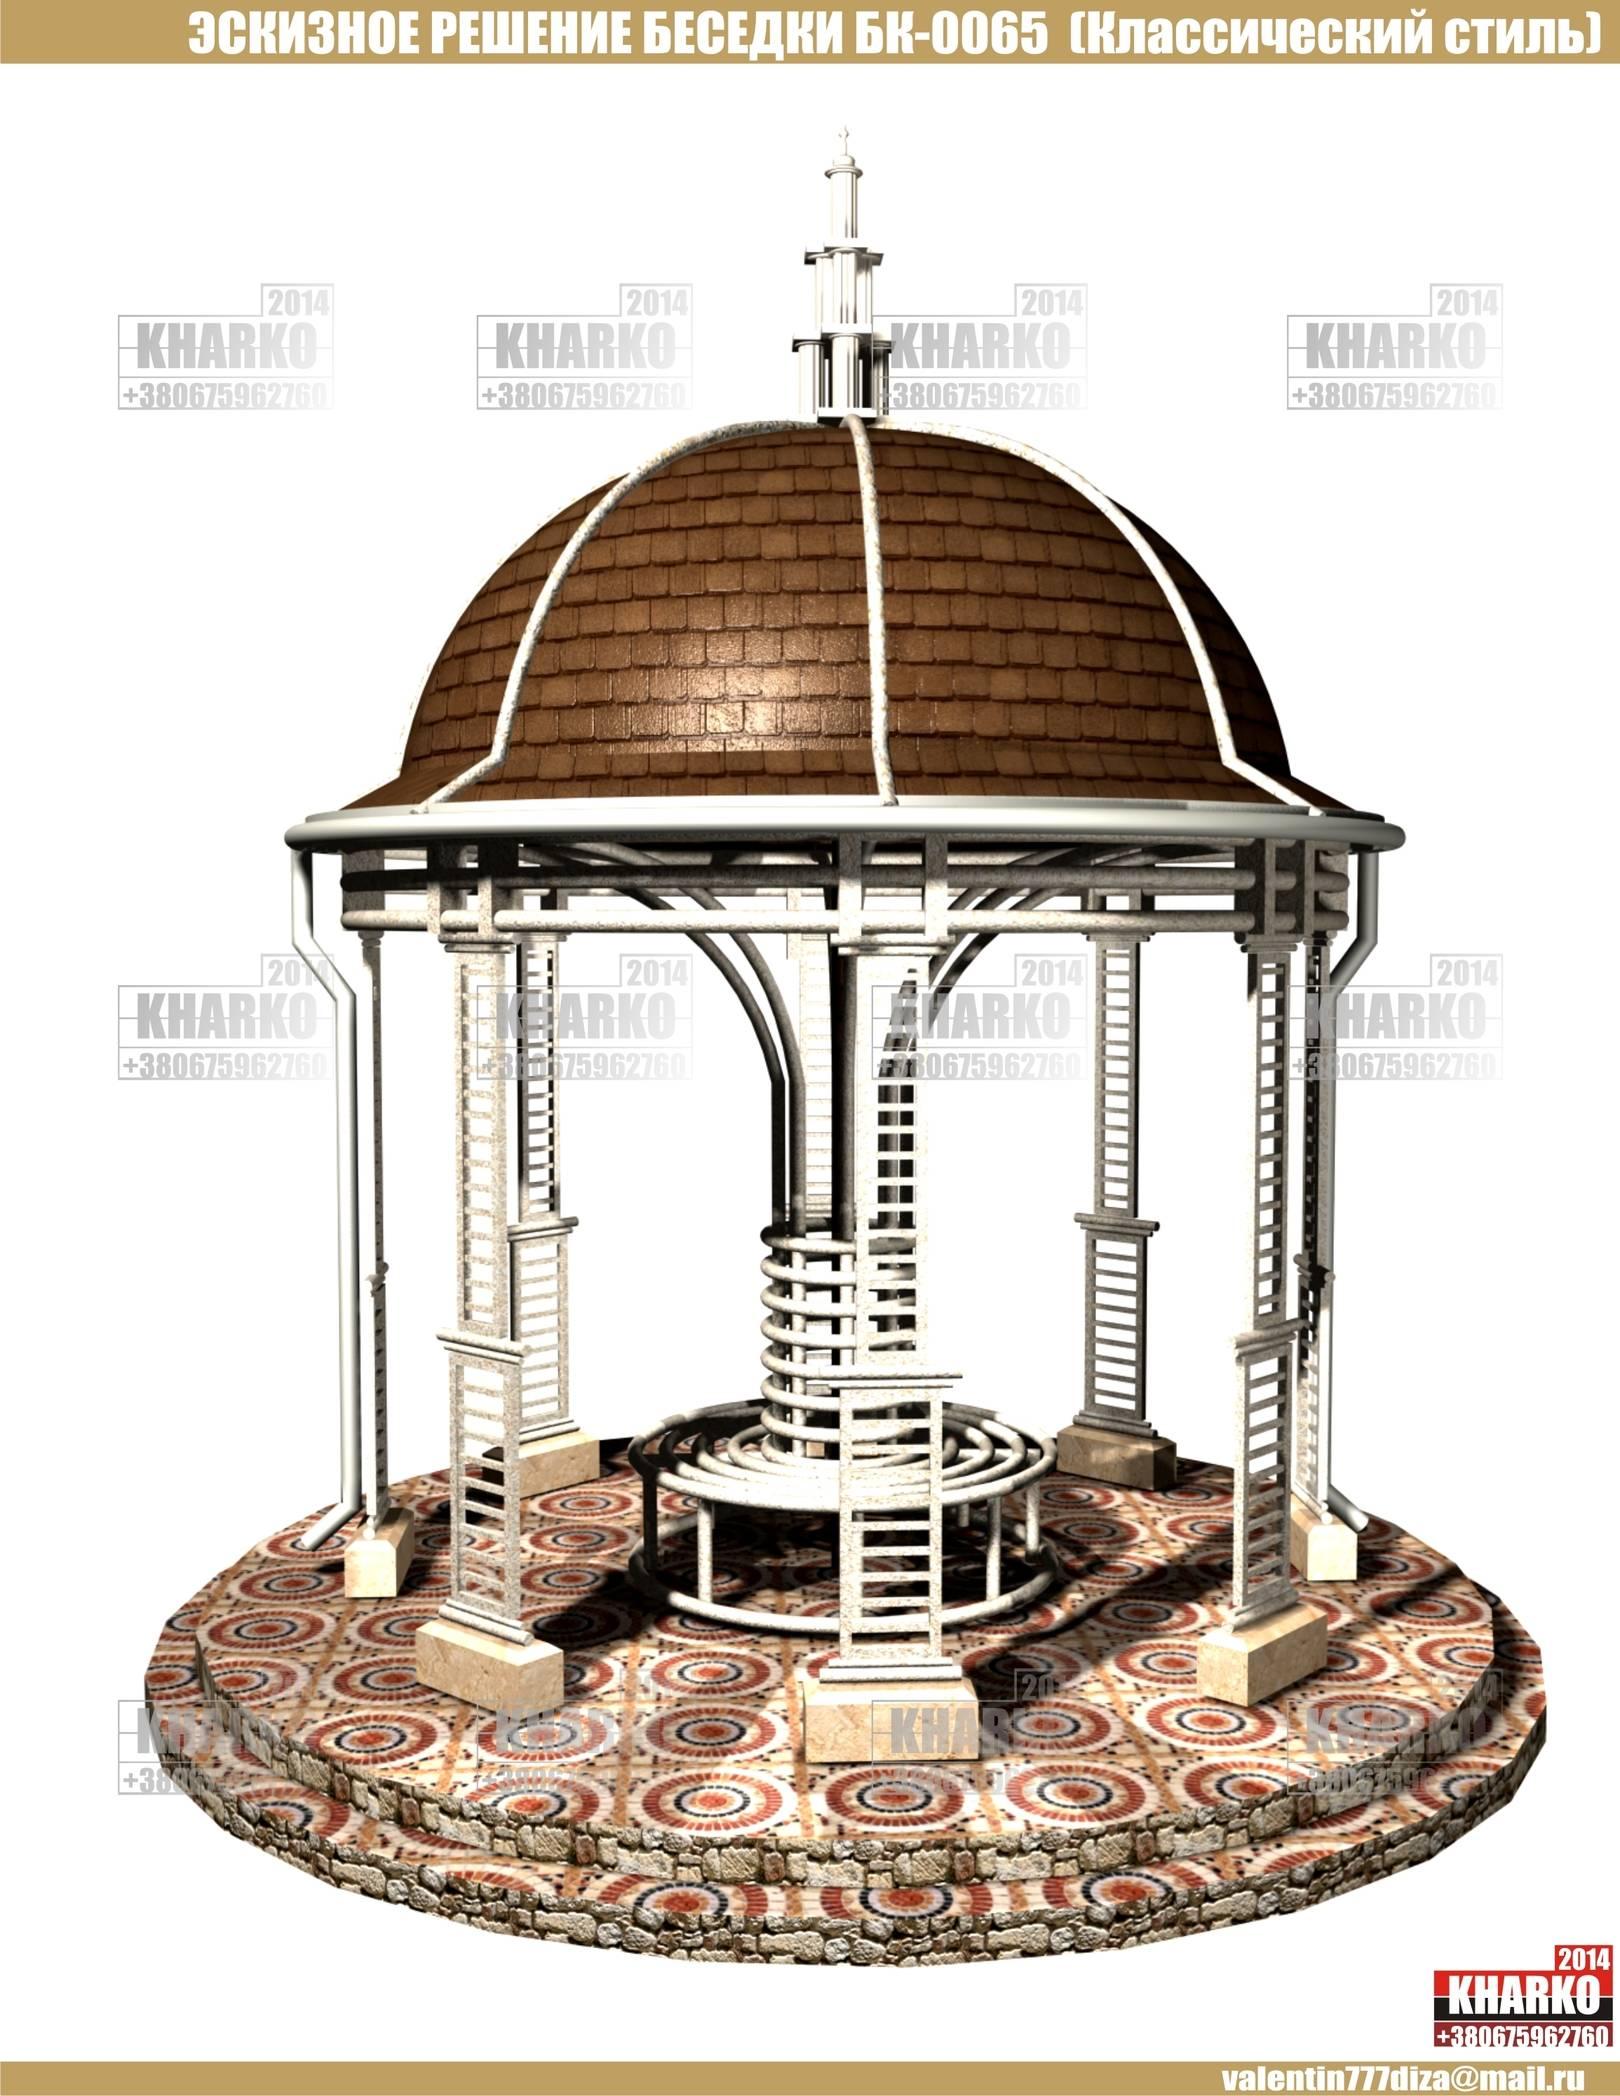 проект беседки БК-0065, сварная, металлическая (классический стиль),project pergola, gazebo, shed  общая площадь беседки- 34,5 м. кв. эксплуатируемая площадь беседки-30,4 м.кв. габаритные размеры - 4,7 м. на 4,7 м. тип фундамента-монолитный ж/б материал наружной стены и опор-металл, труба, квадрат тип кровли- мягкая кровля Наружная отделка цоколя -декоративный камень Стоимость проекта- 1500 грн.